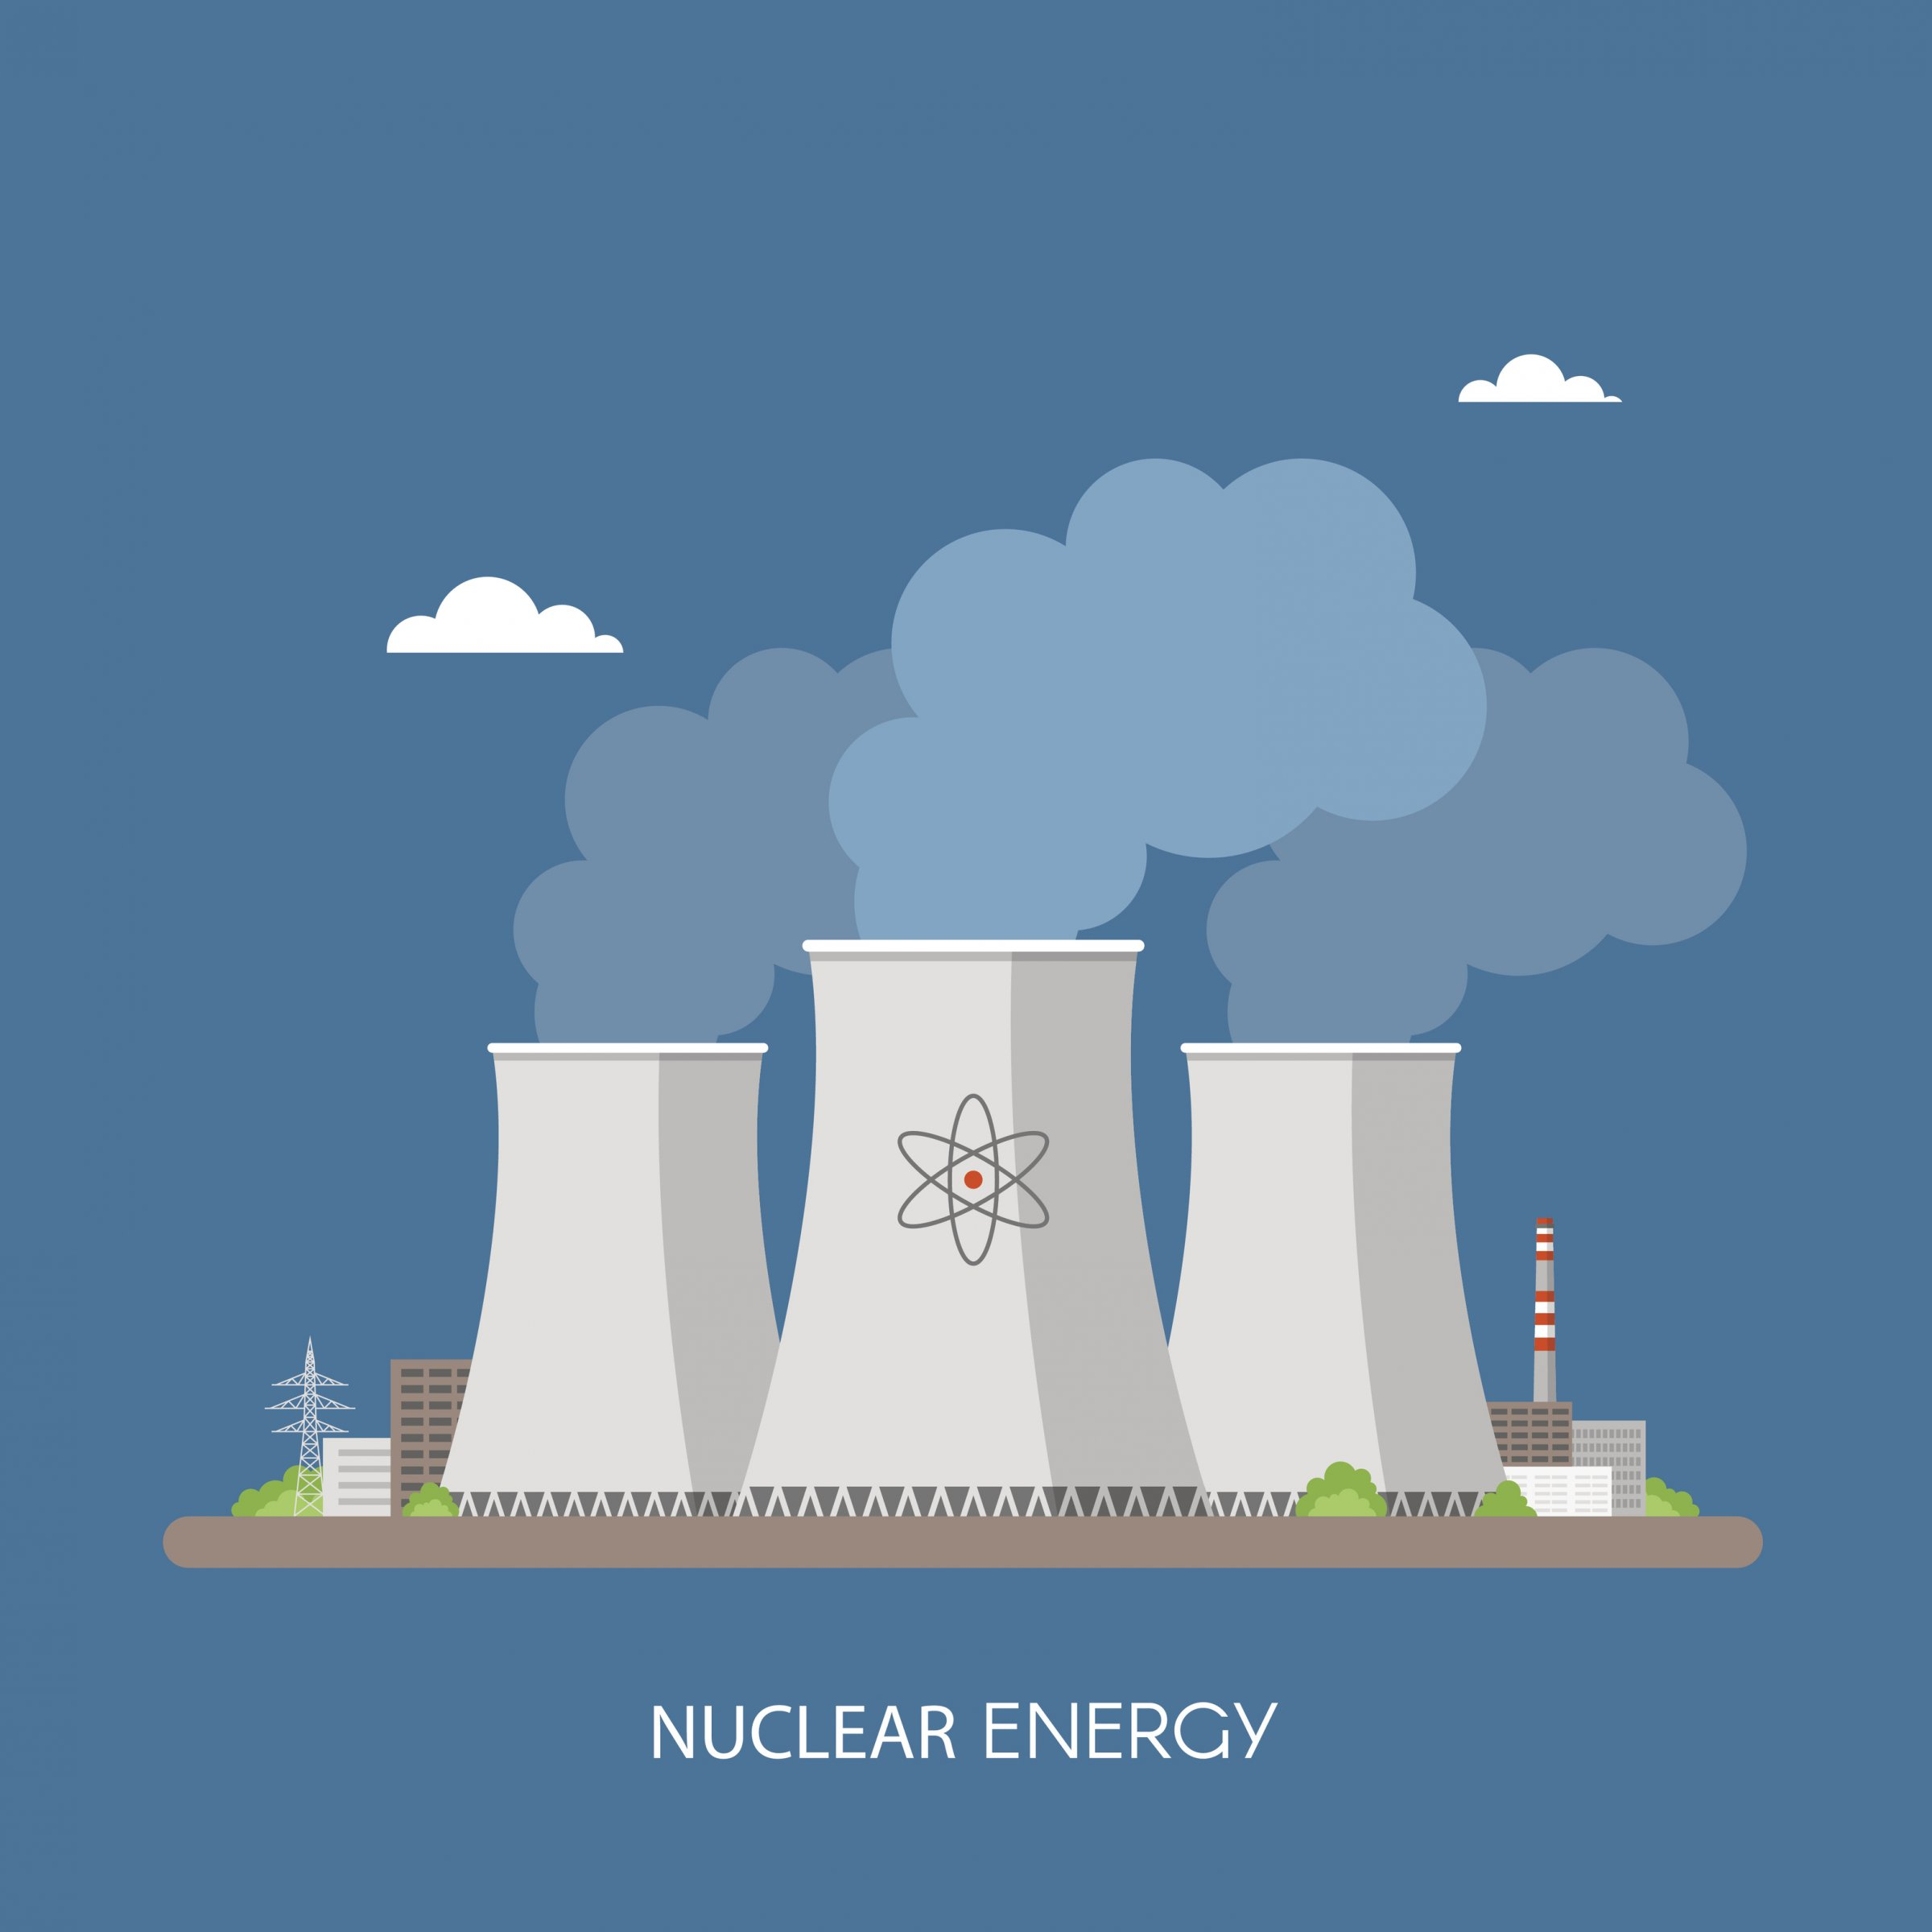 kernekraftværk